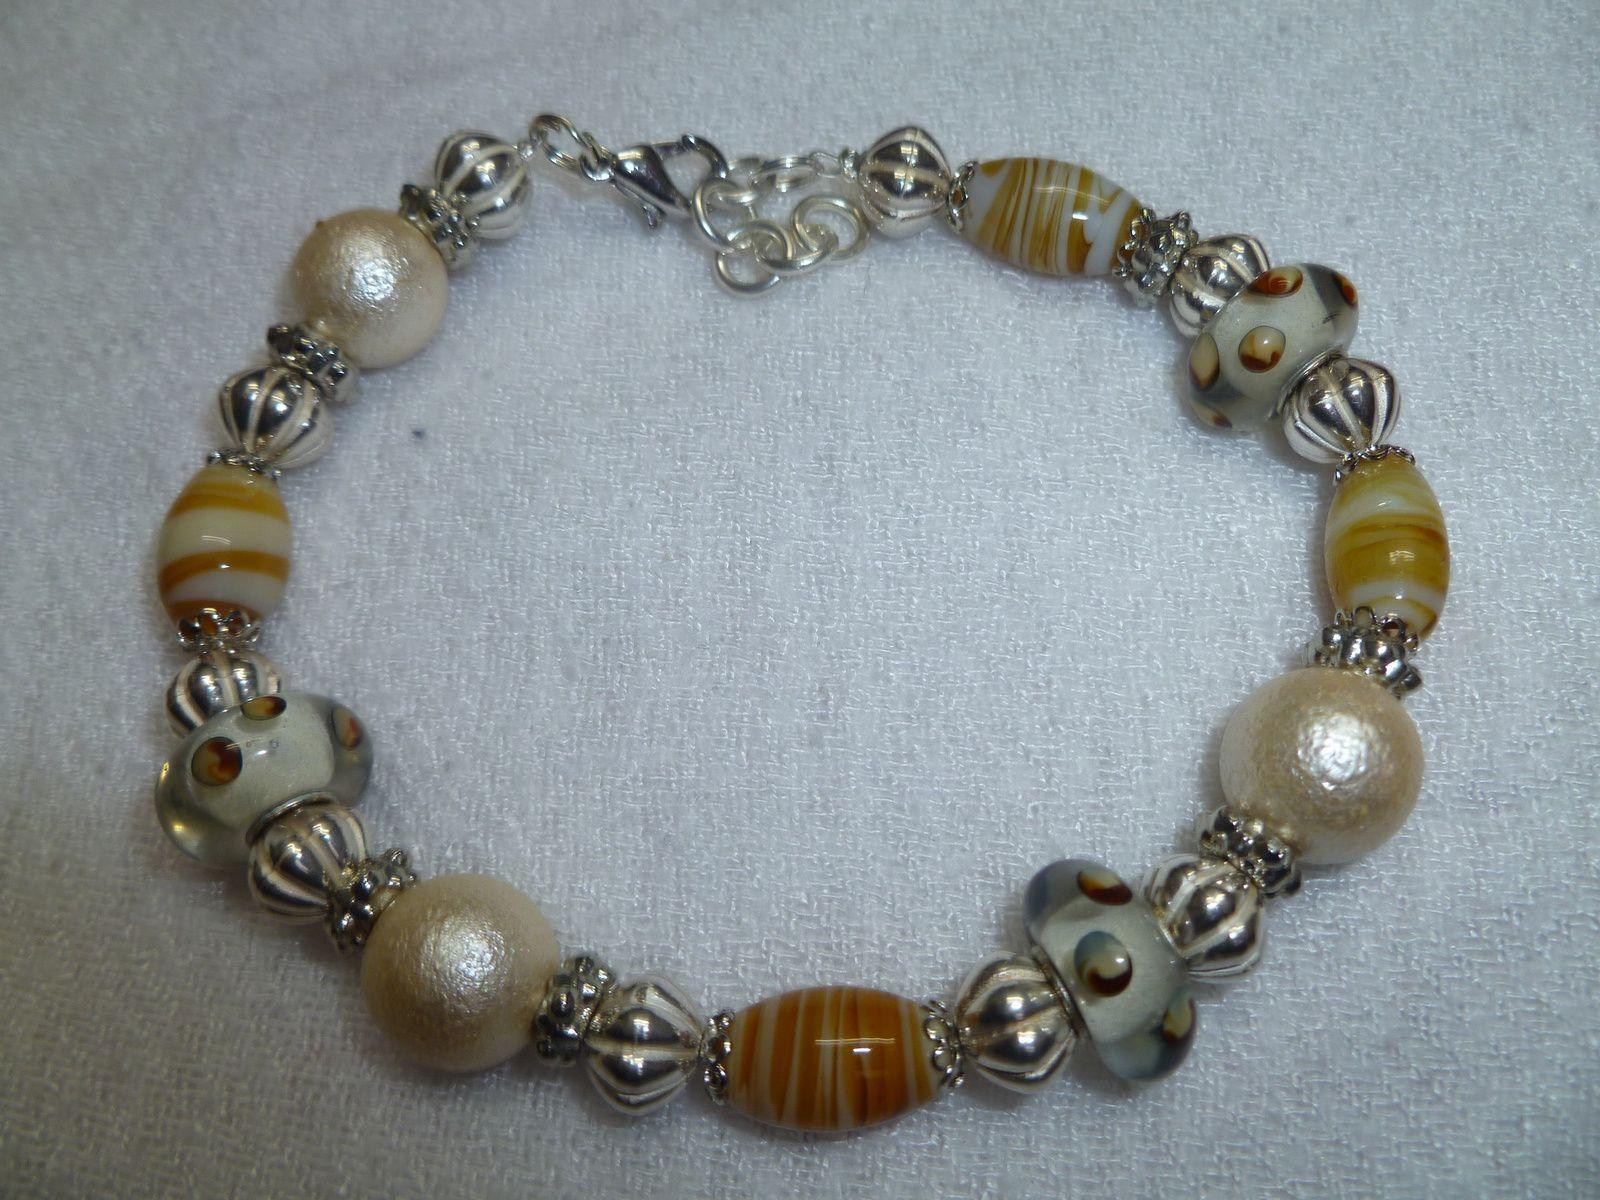 Bracelat réalisé avec des perles panduro en verres .